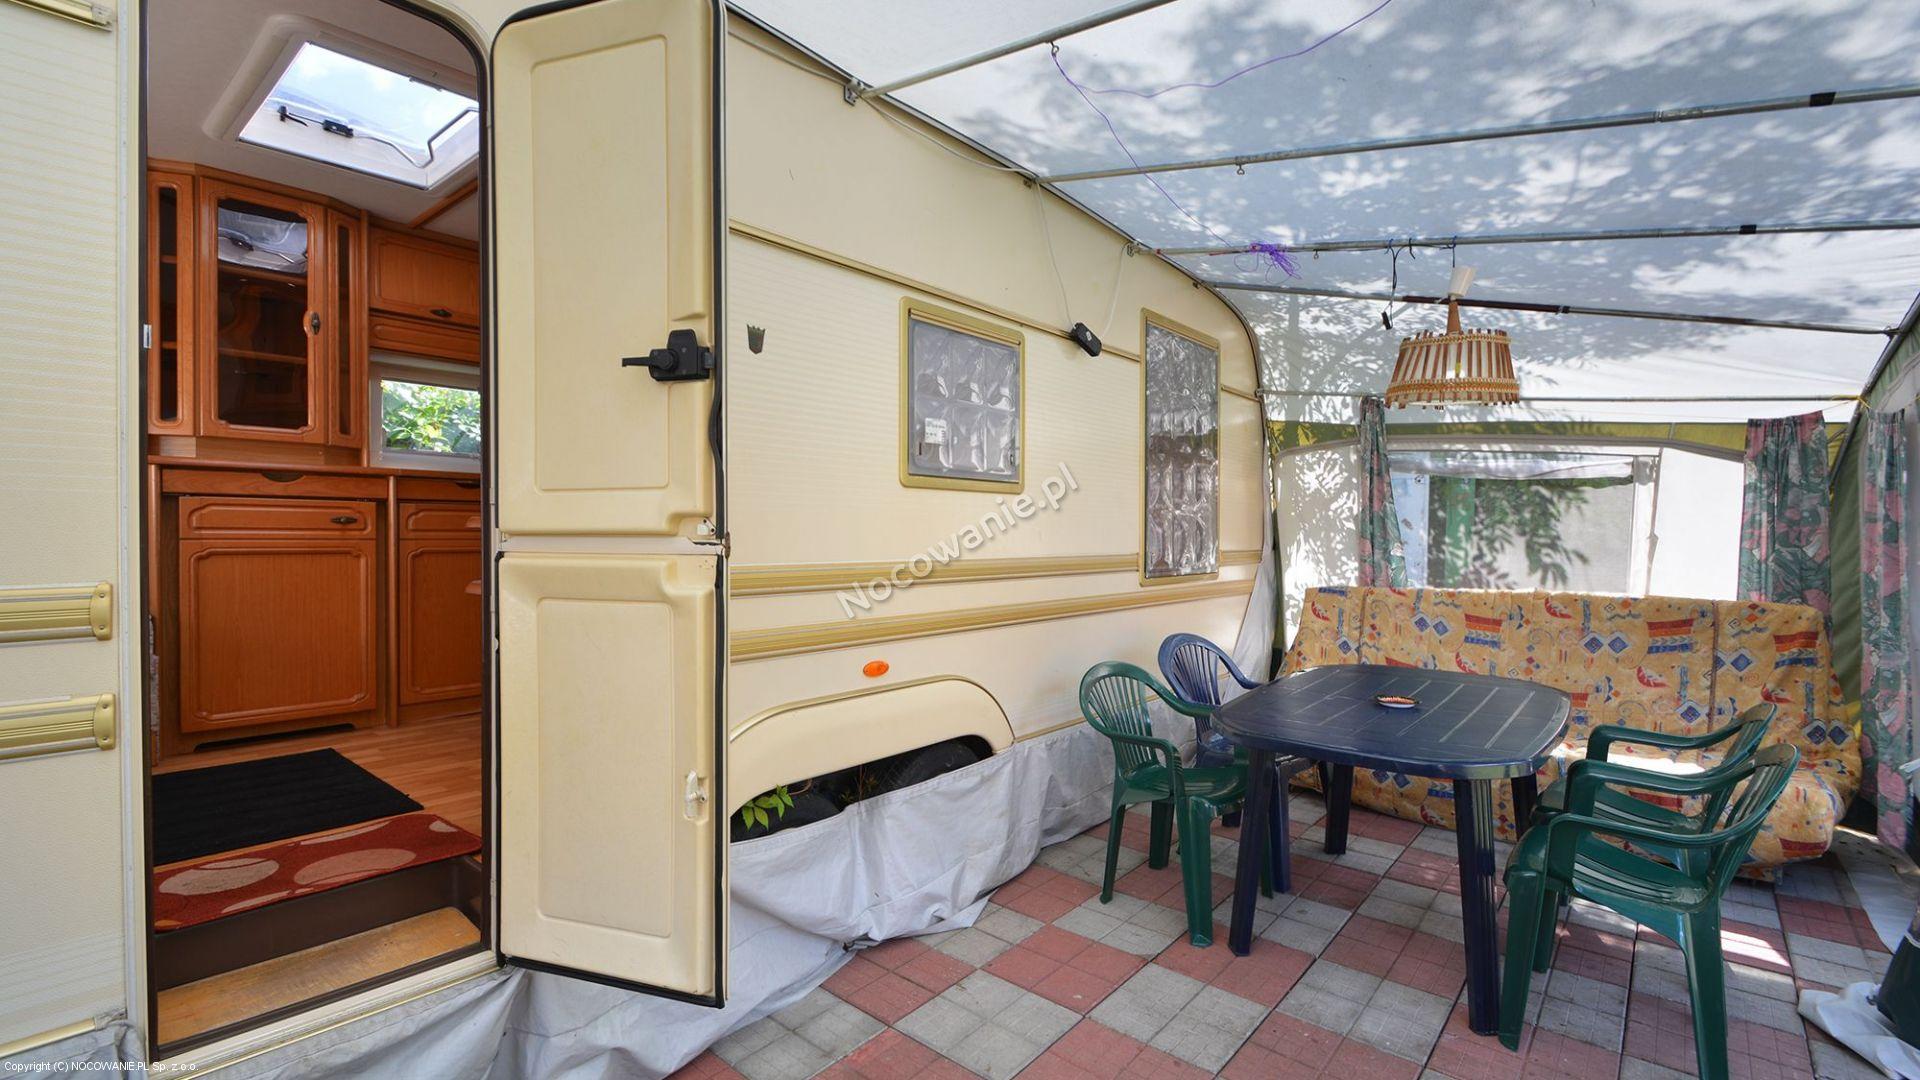 Camping U Doroty Mielno Camping U Doroty W Mielnie